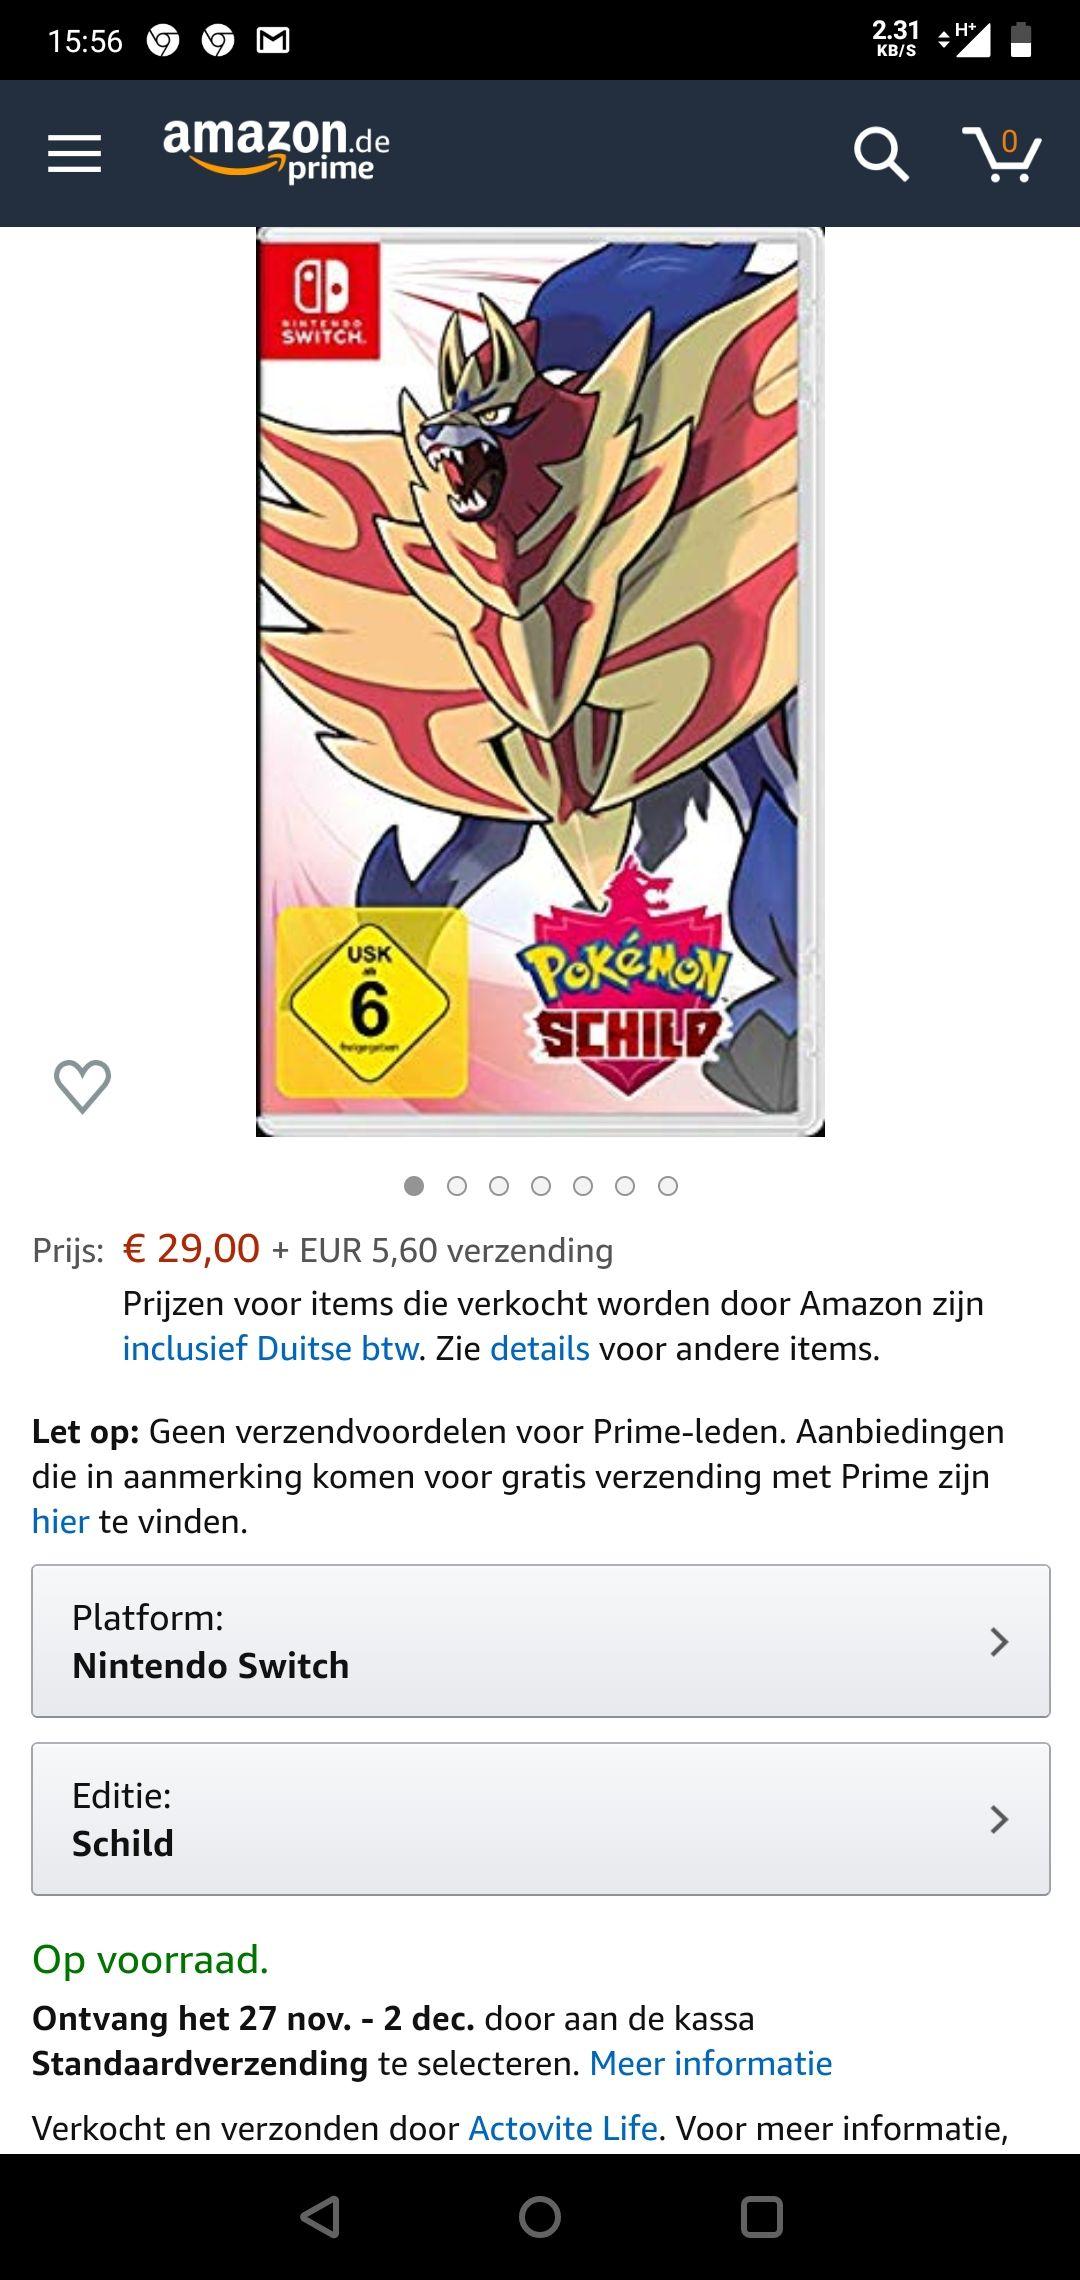 Pokemon shield voor een zeer lage prijs.